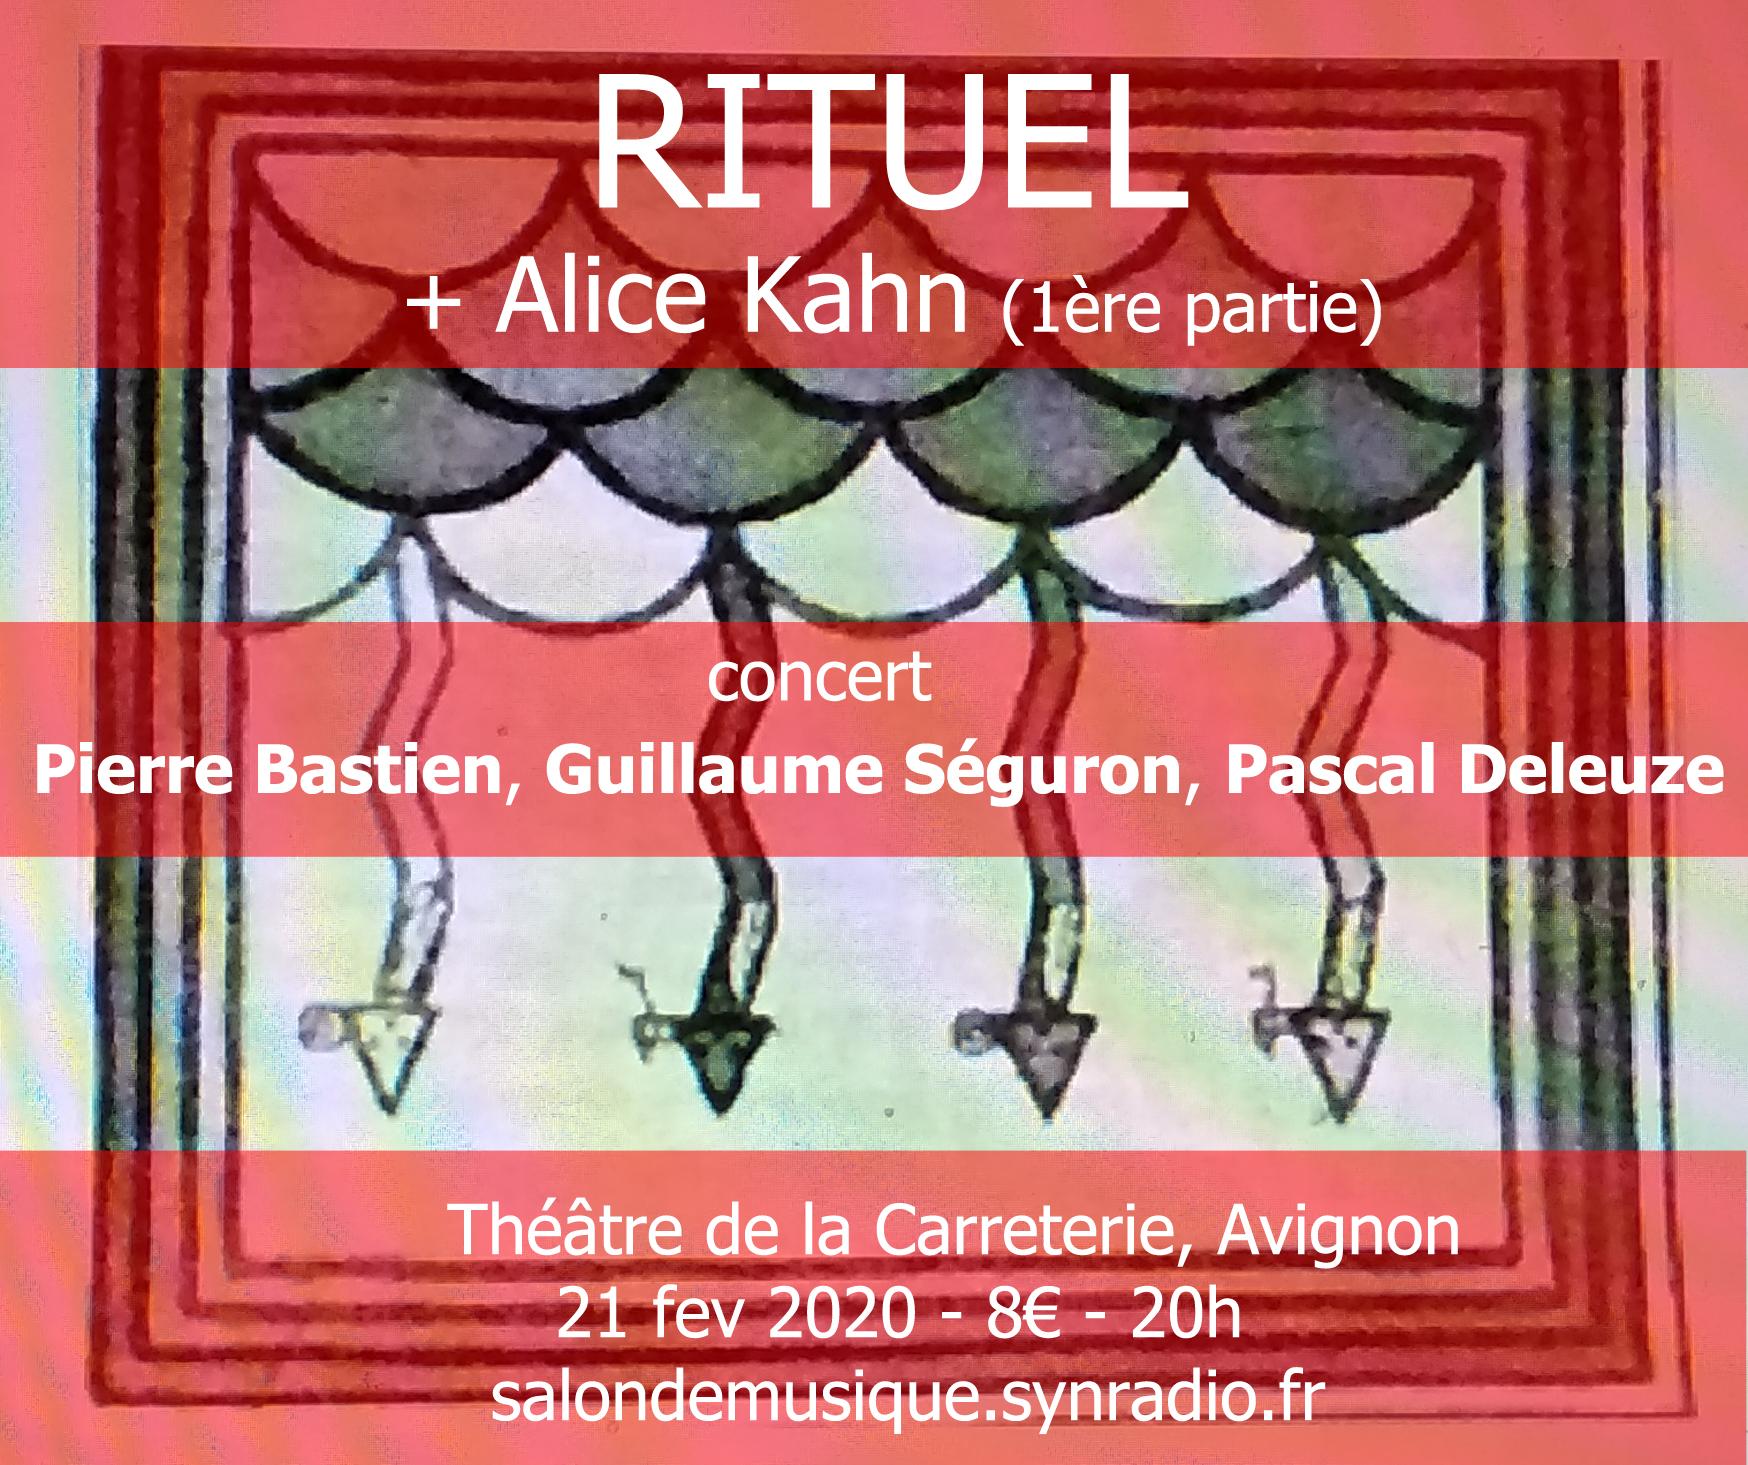 webSYNradio rituel2_master_recto Concert Pierre Bastien, Guillaume Séguron, Pascal Deleuze News